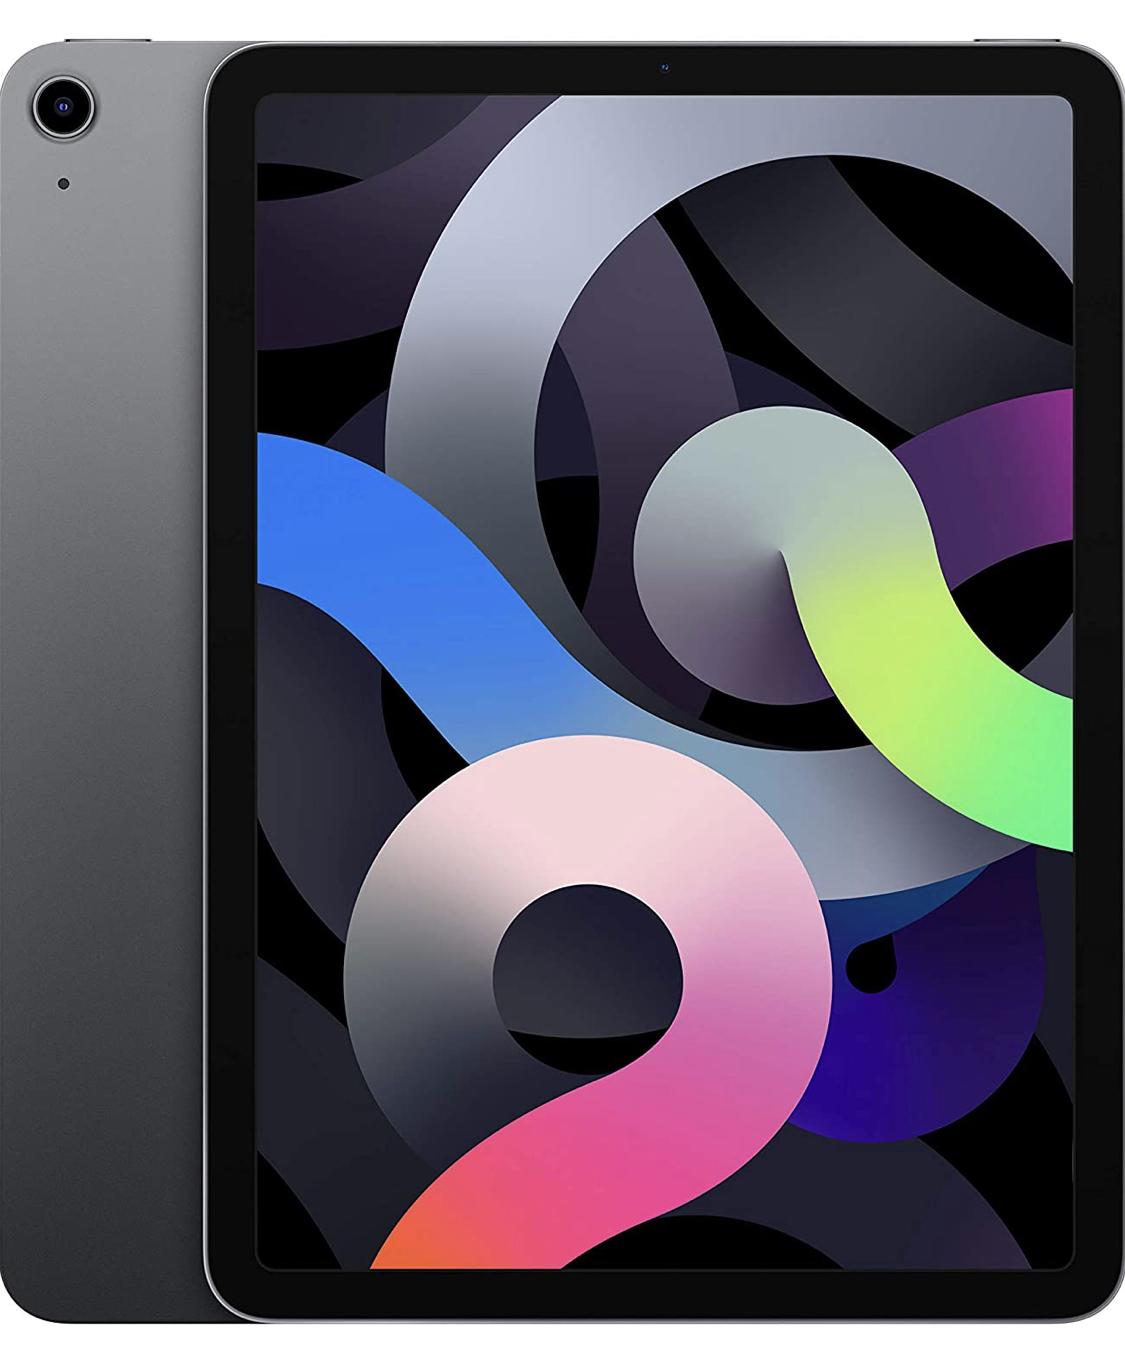 Apple iPad Air (10,9‑inch, 4e generatie, Wi-Fi, 64 GB) - Hemelsblauw (2020)